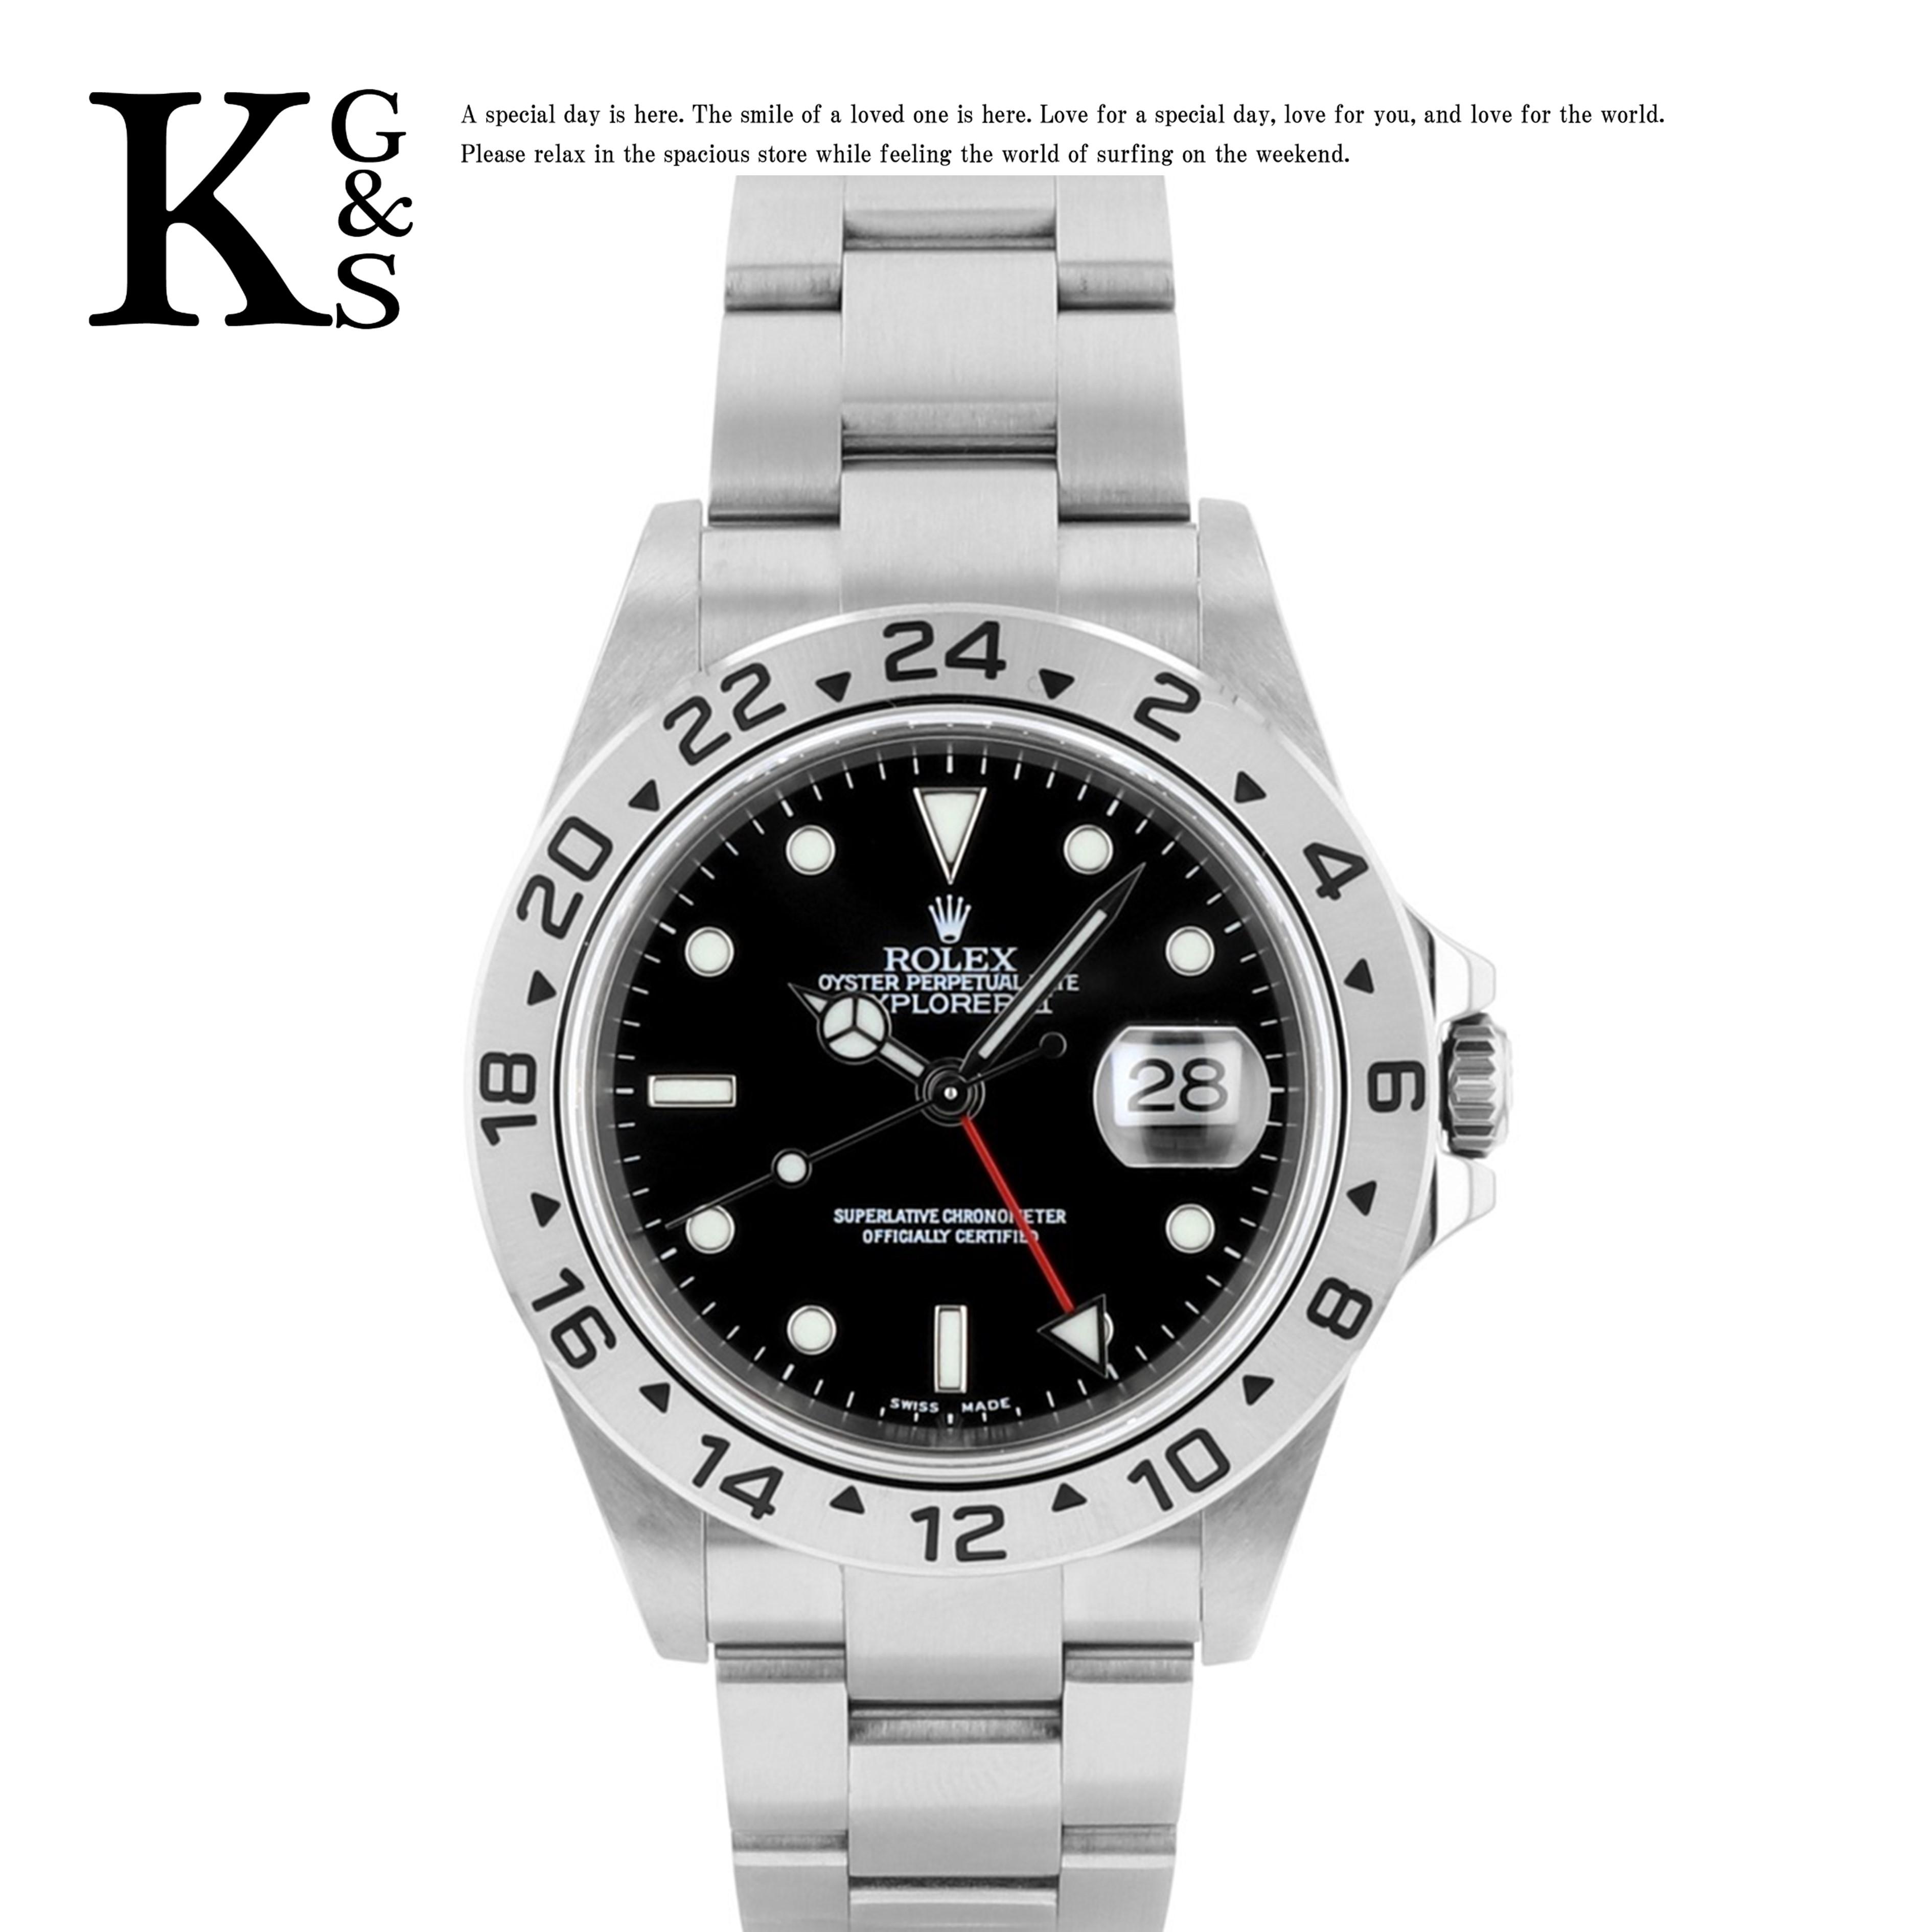 【ギフト品質】ロレックス/ROLEX メンズ 腕時計 エクスプローラー2 ブラック文字盤 ステンレススチール スポーツモデル 16570